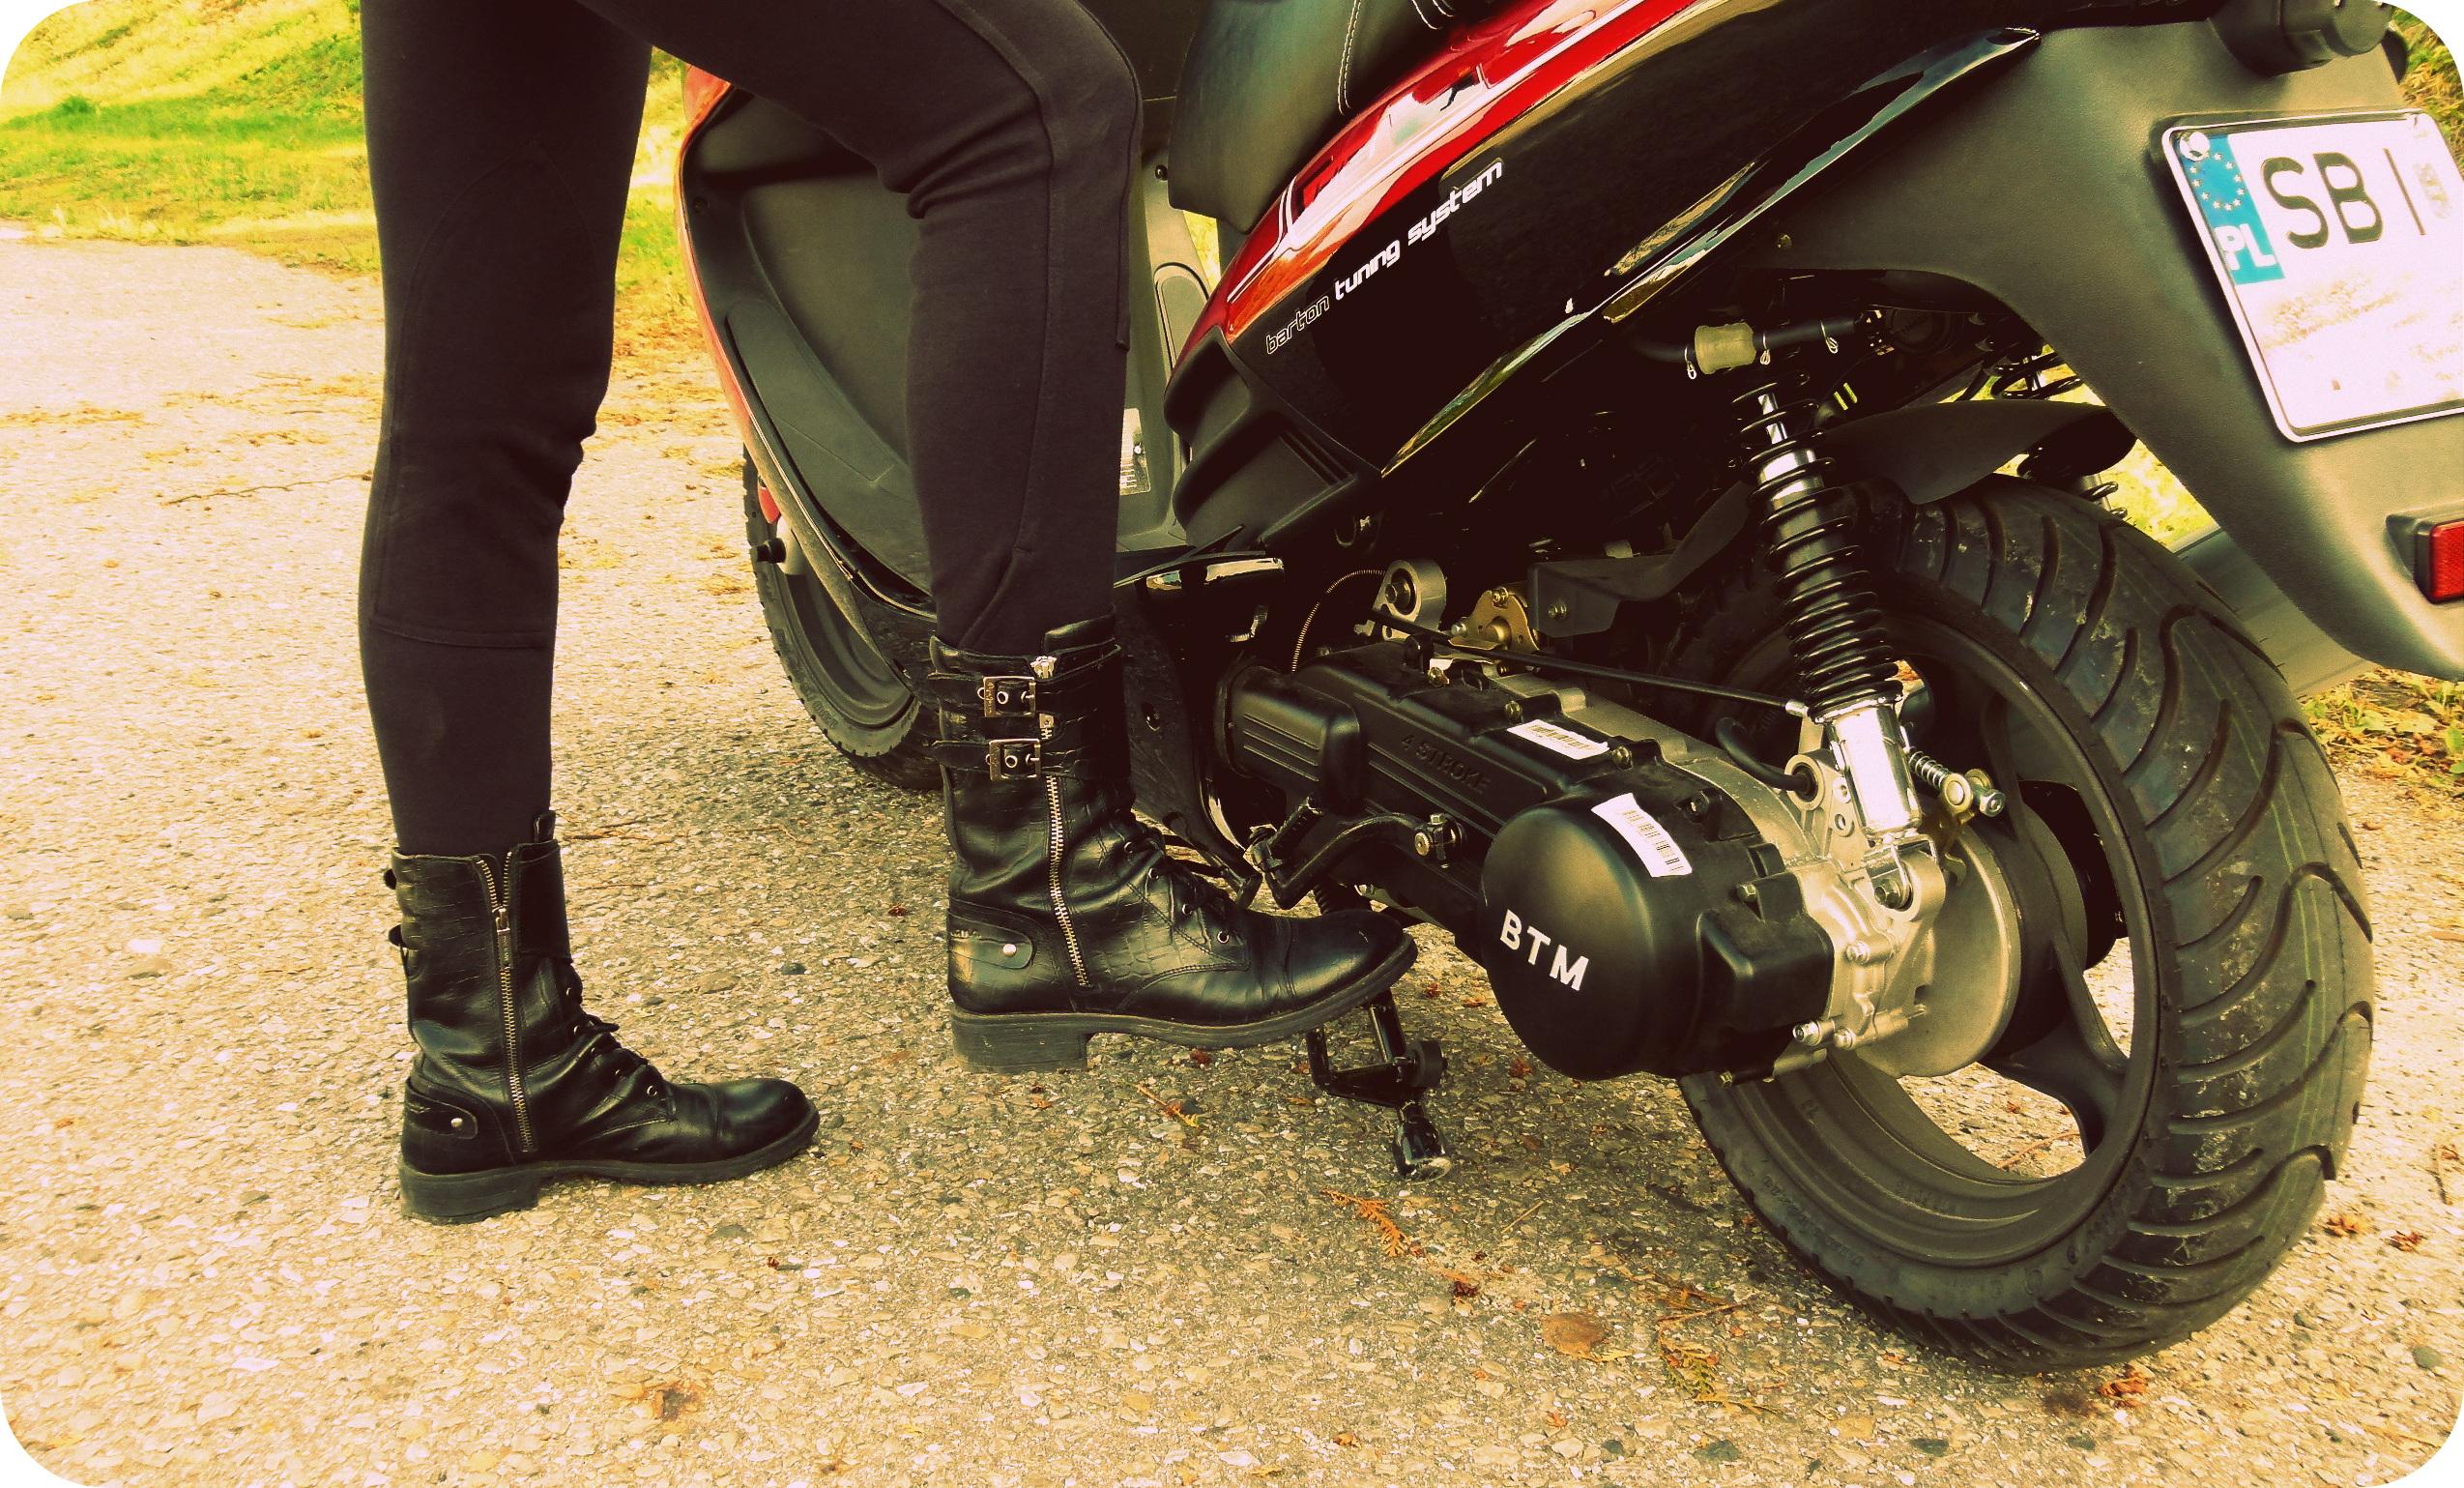 motocykl barton huragan,skuter,kobieta na motorze,odzież motocyklowa,wolf